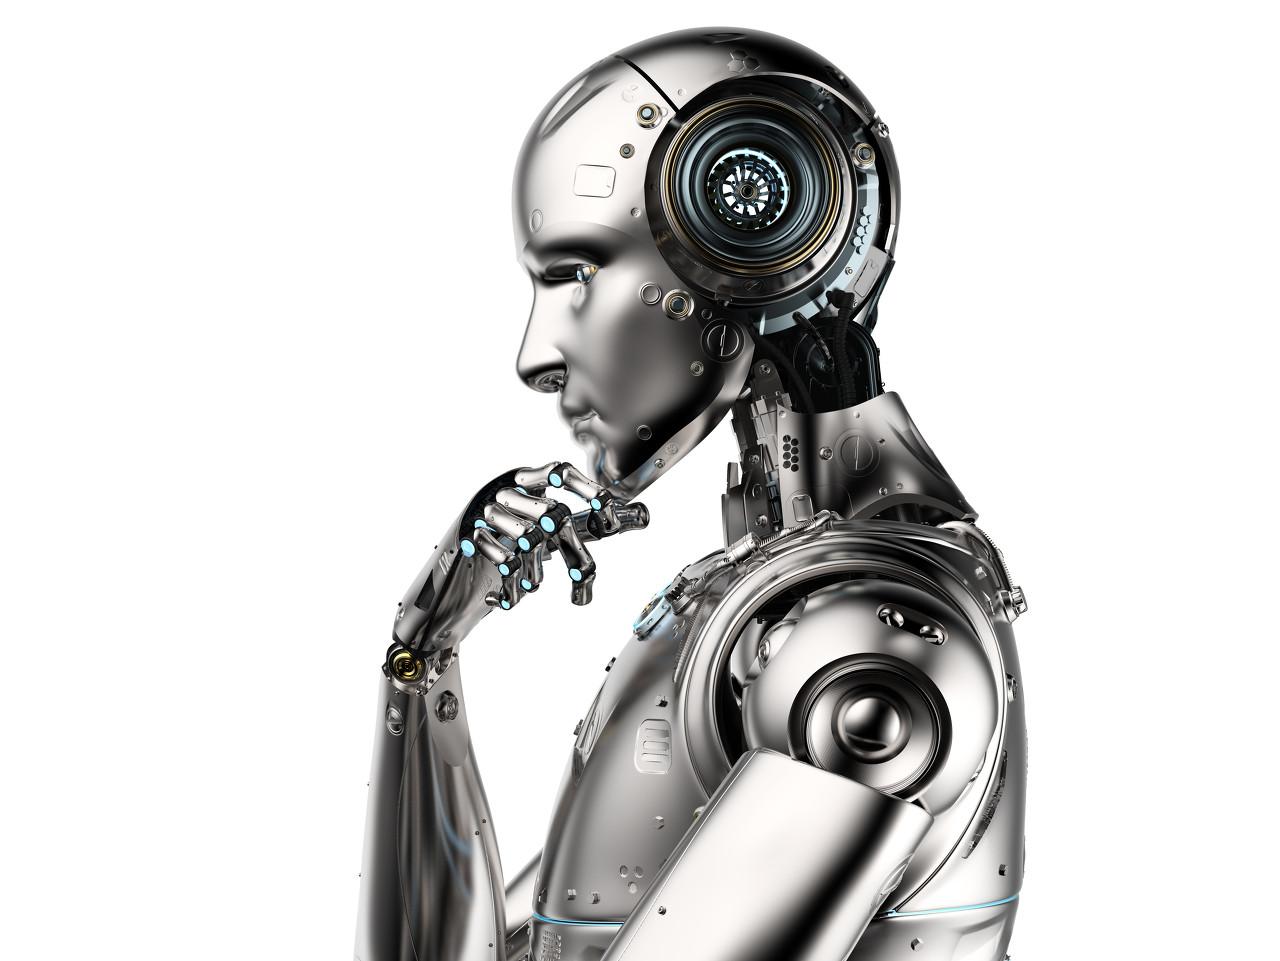 特斯拉机器人被批 外媒称这是一个古怪而愚蠢的行为